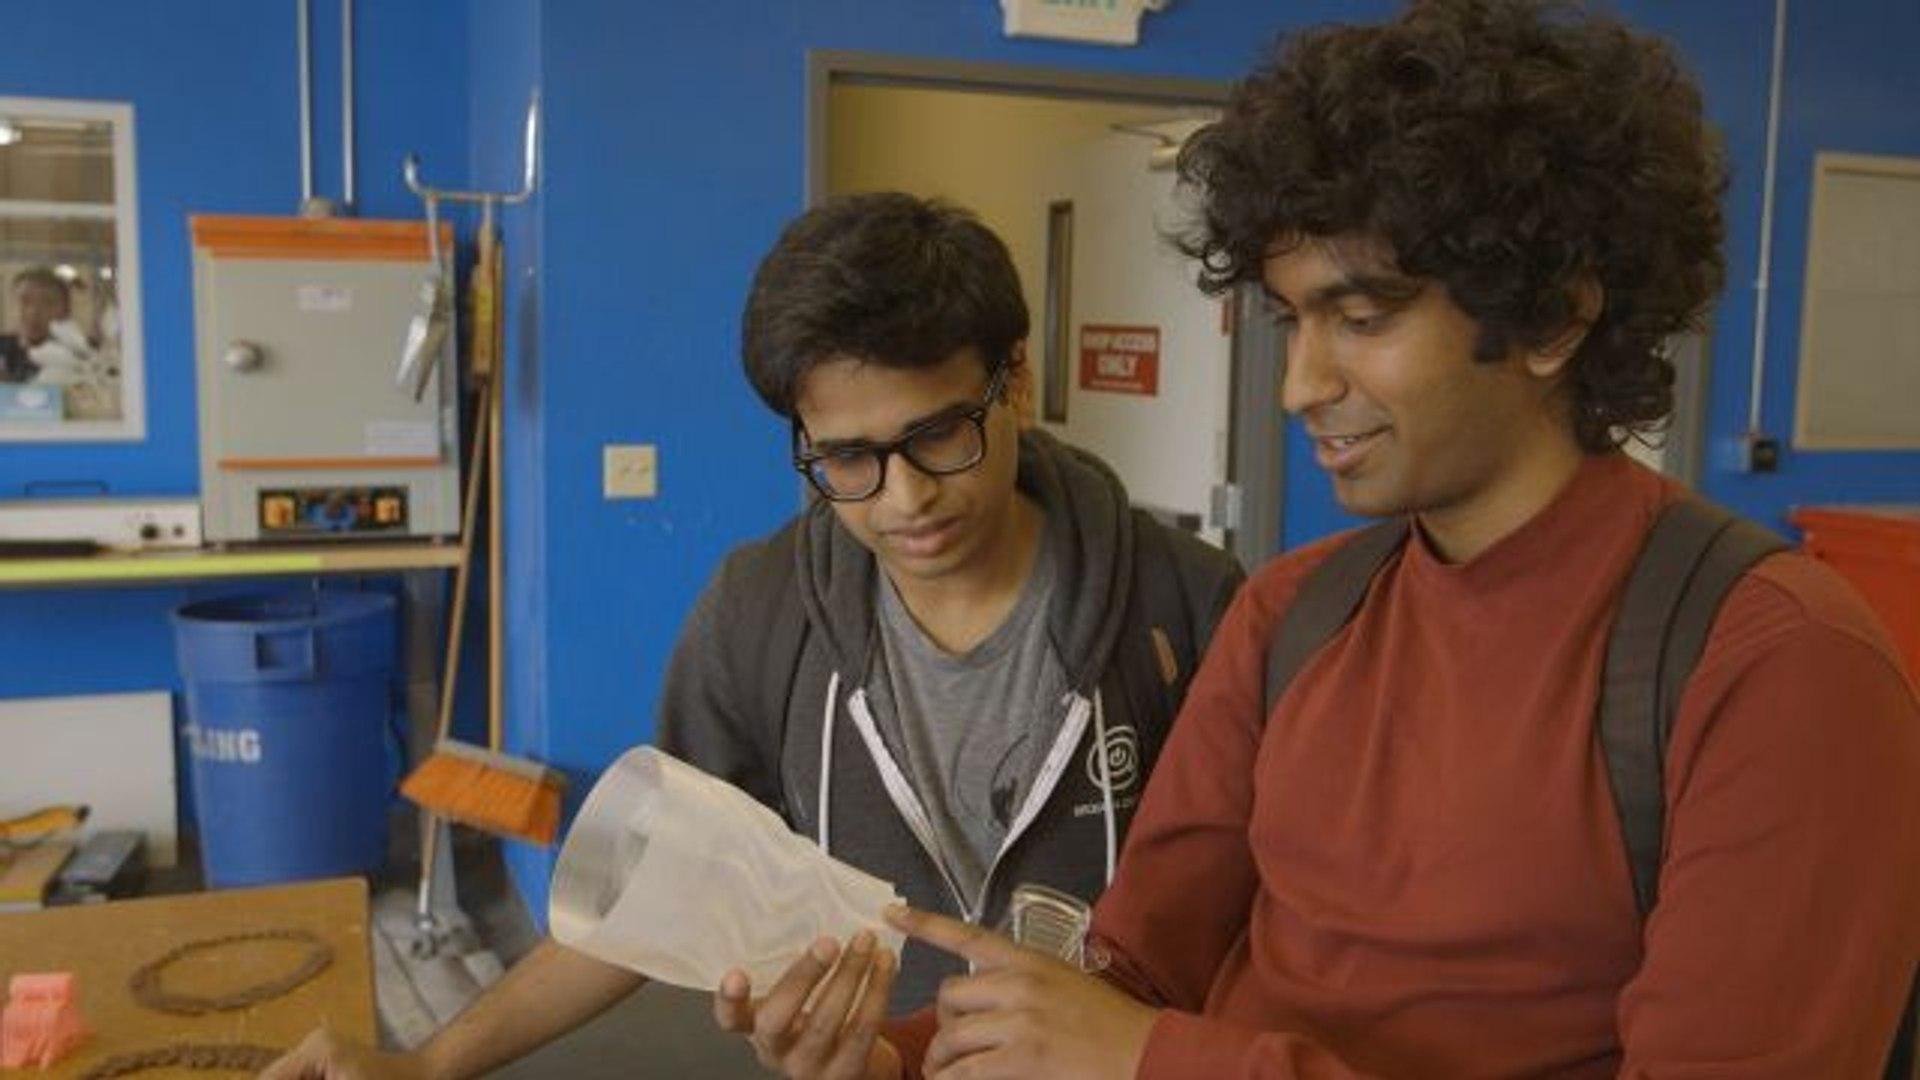 Teen Technorati  - The Thiel Fellows Visit TechShop in SF & Gain Access to Innovative Equipment